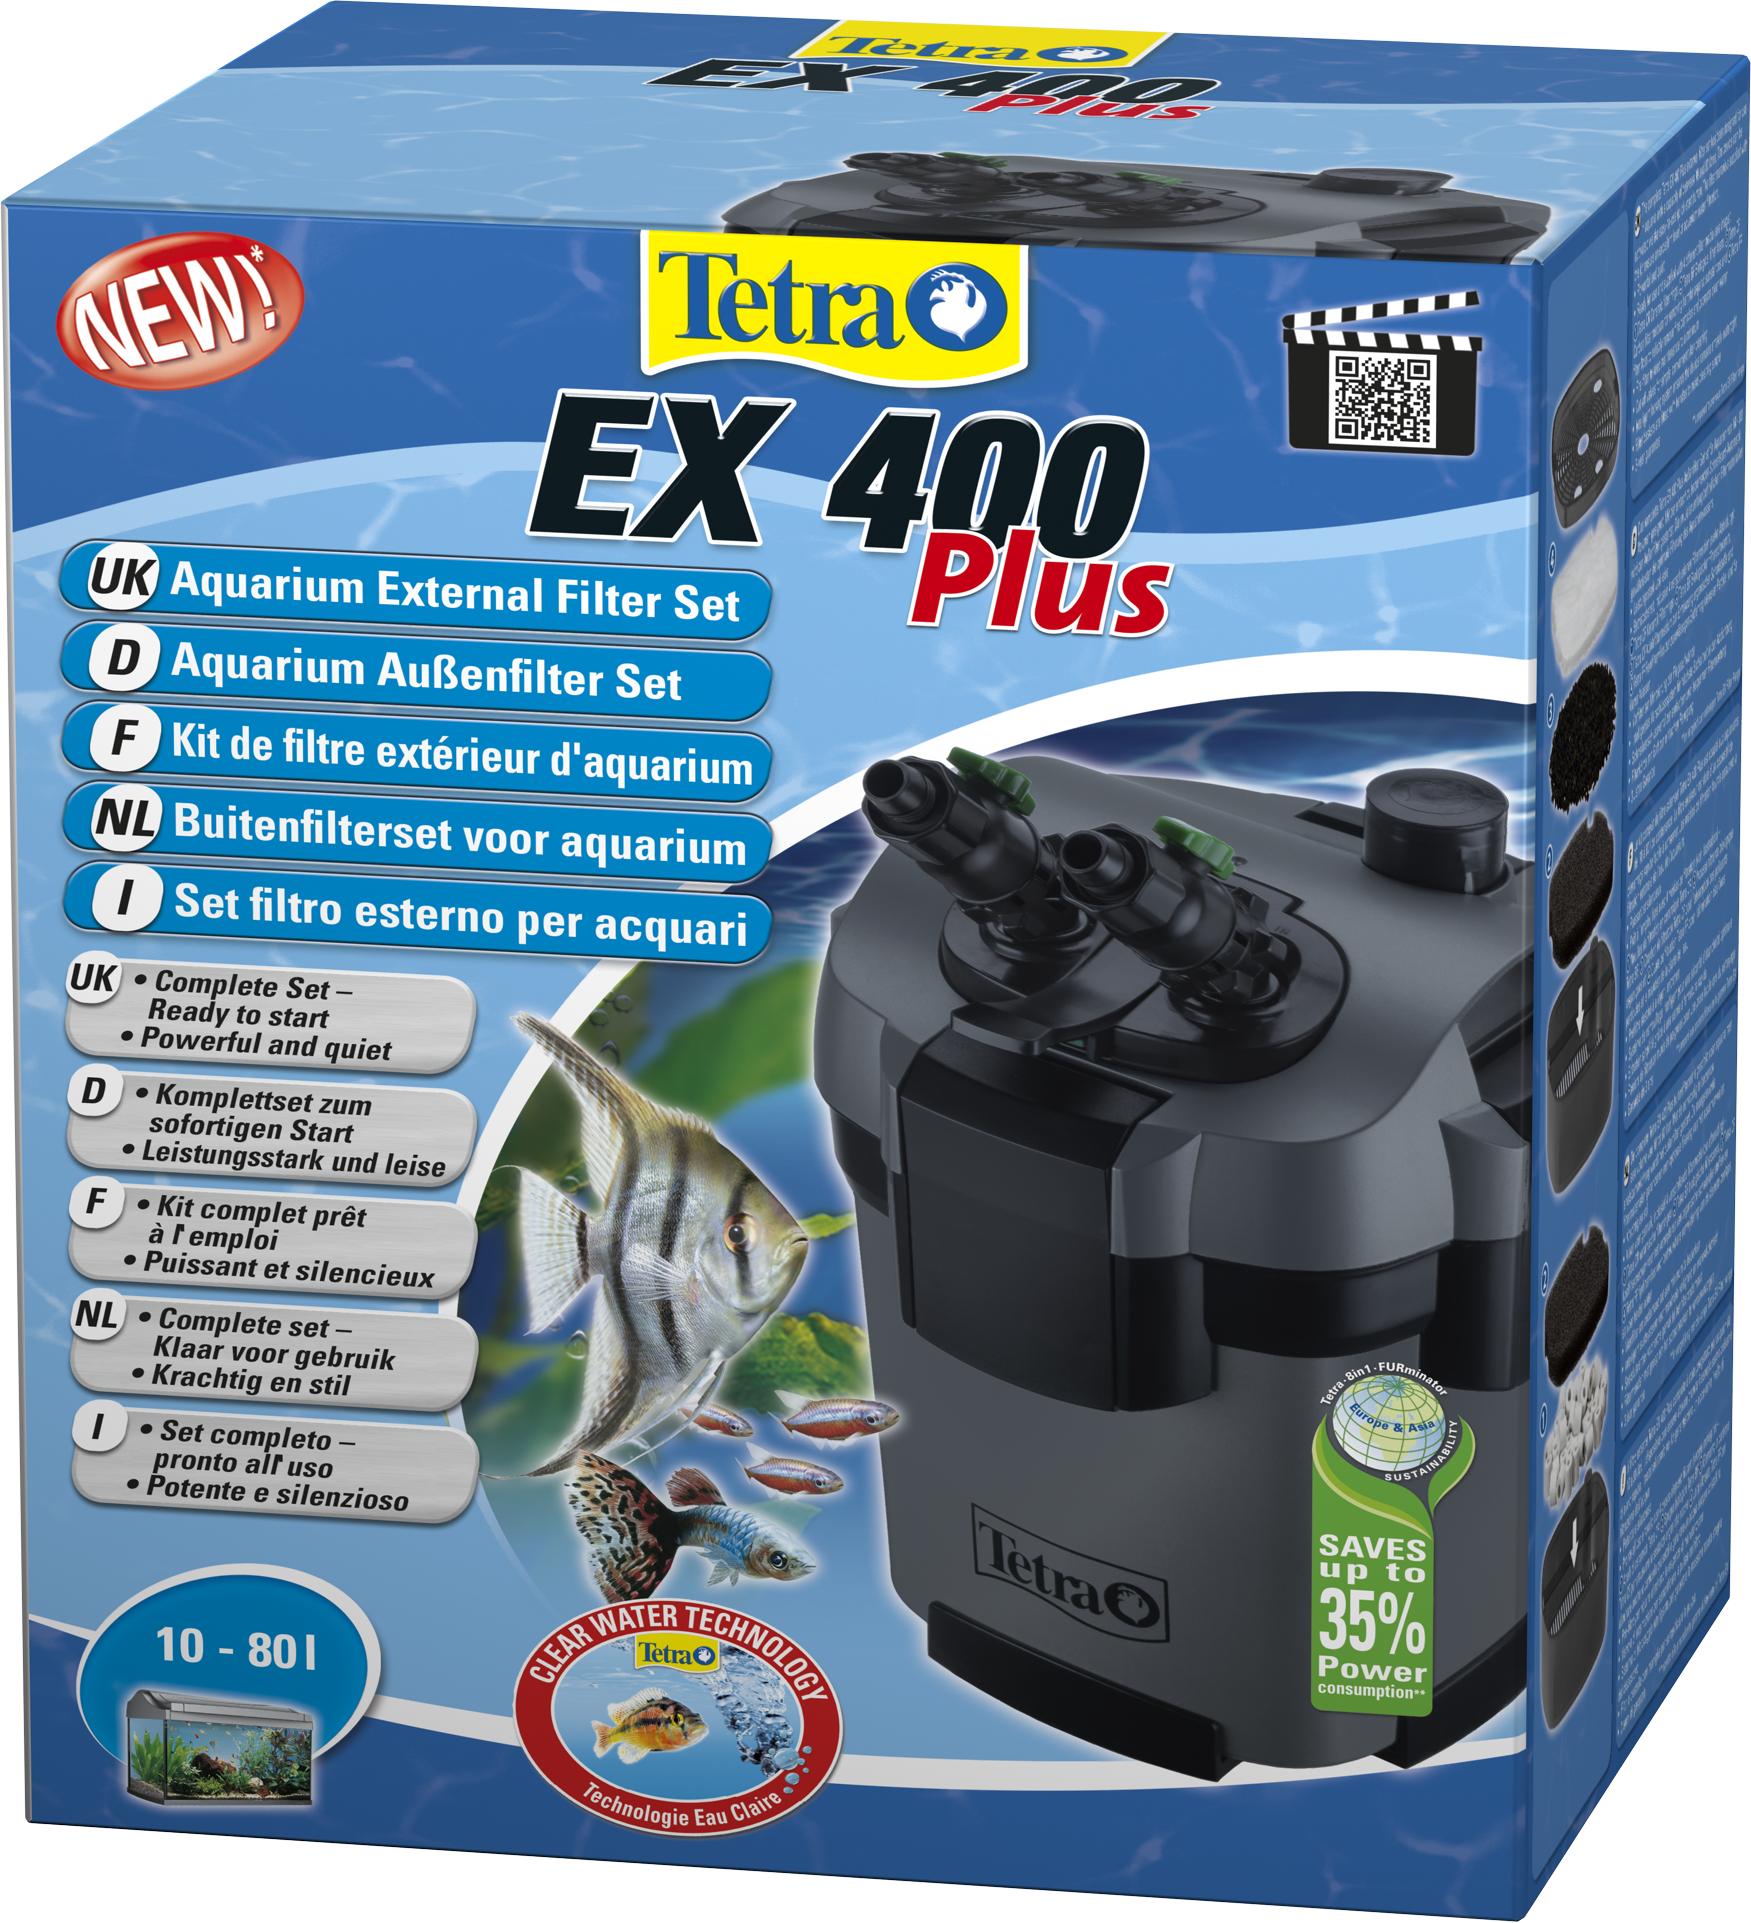 tetra-ex-400-plus-filtre-externe-aquarium